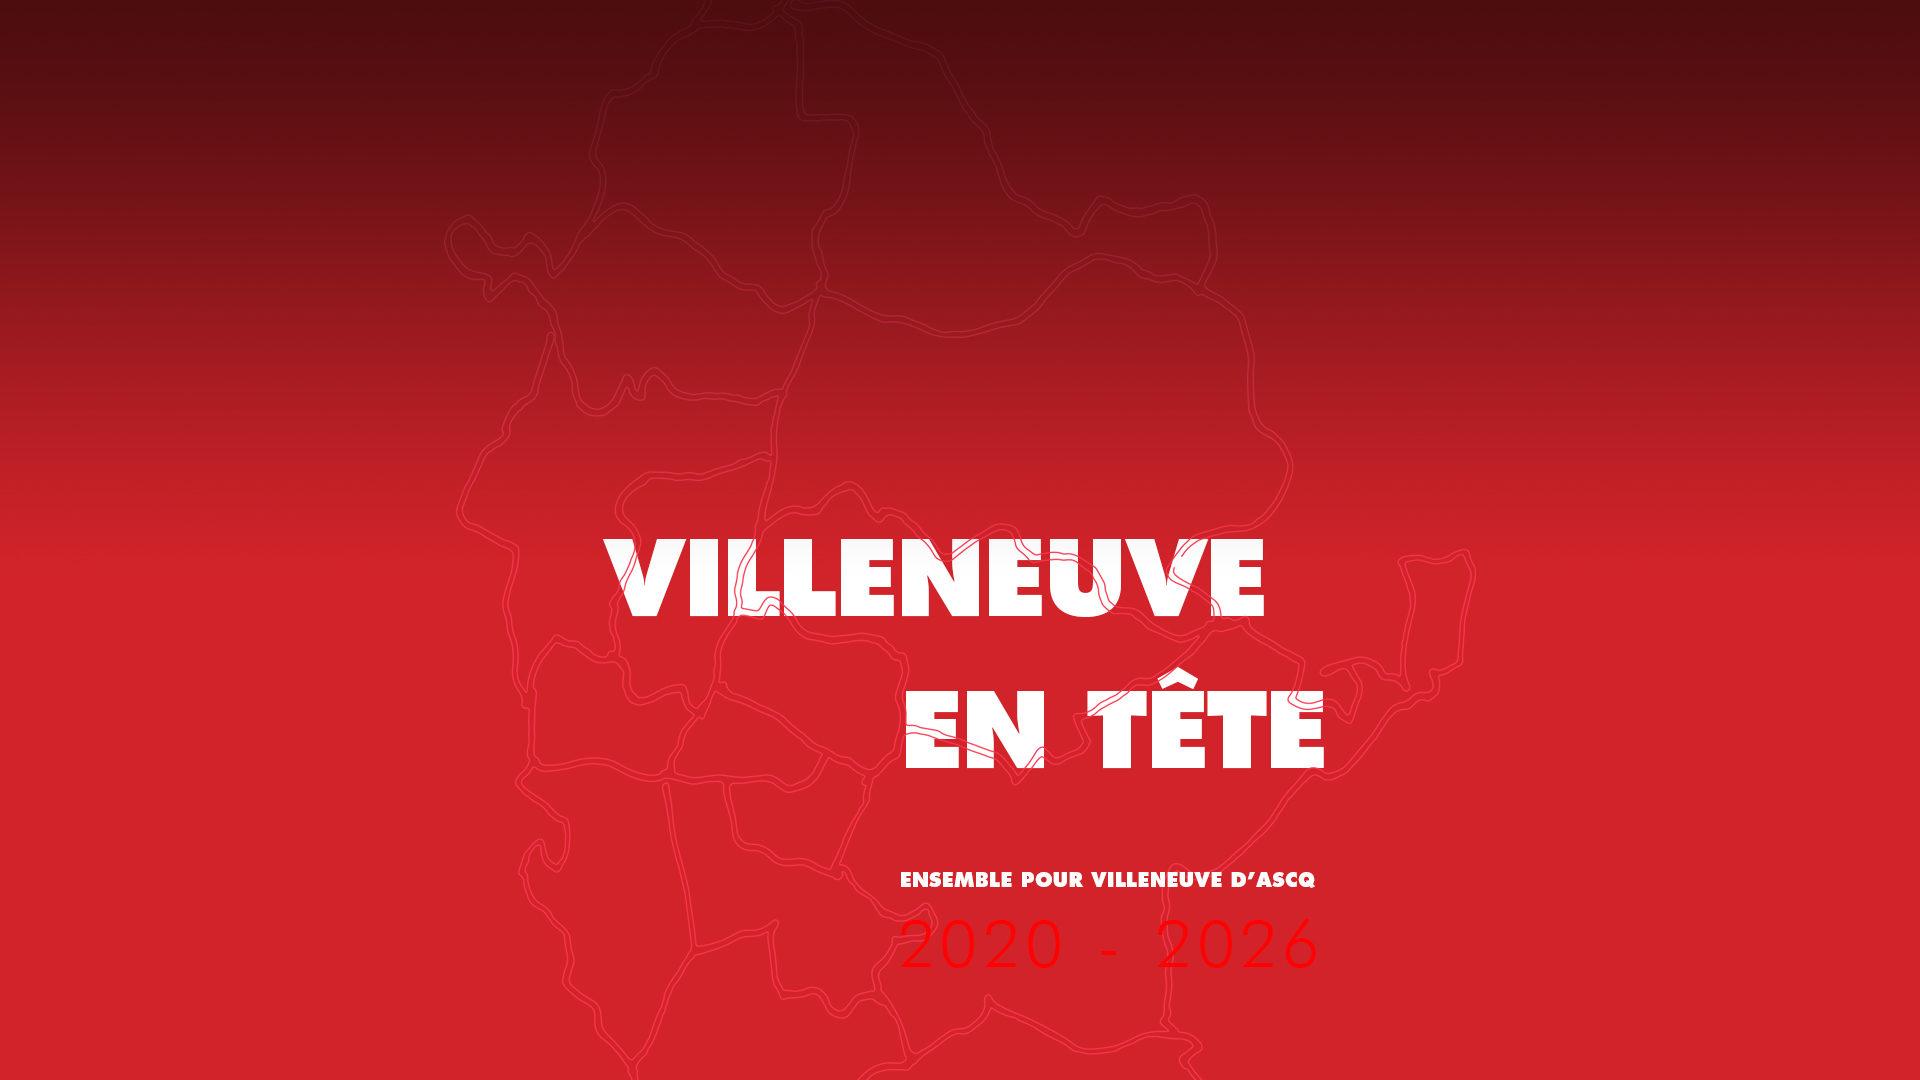 Villeneuve en tête